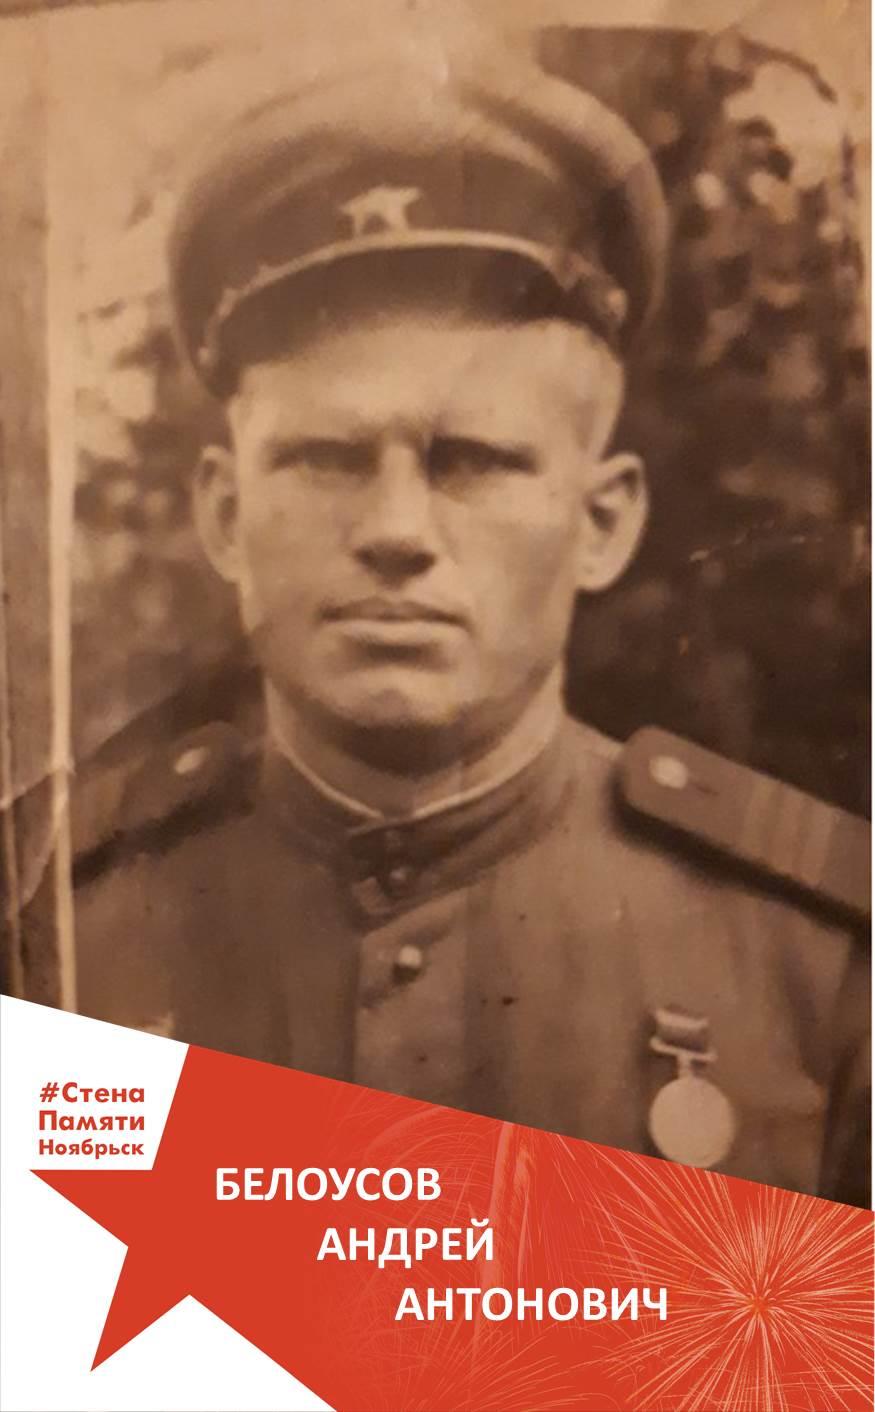 Белоусов Андрей Антонович